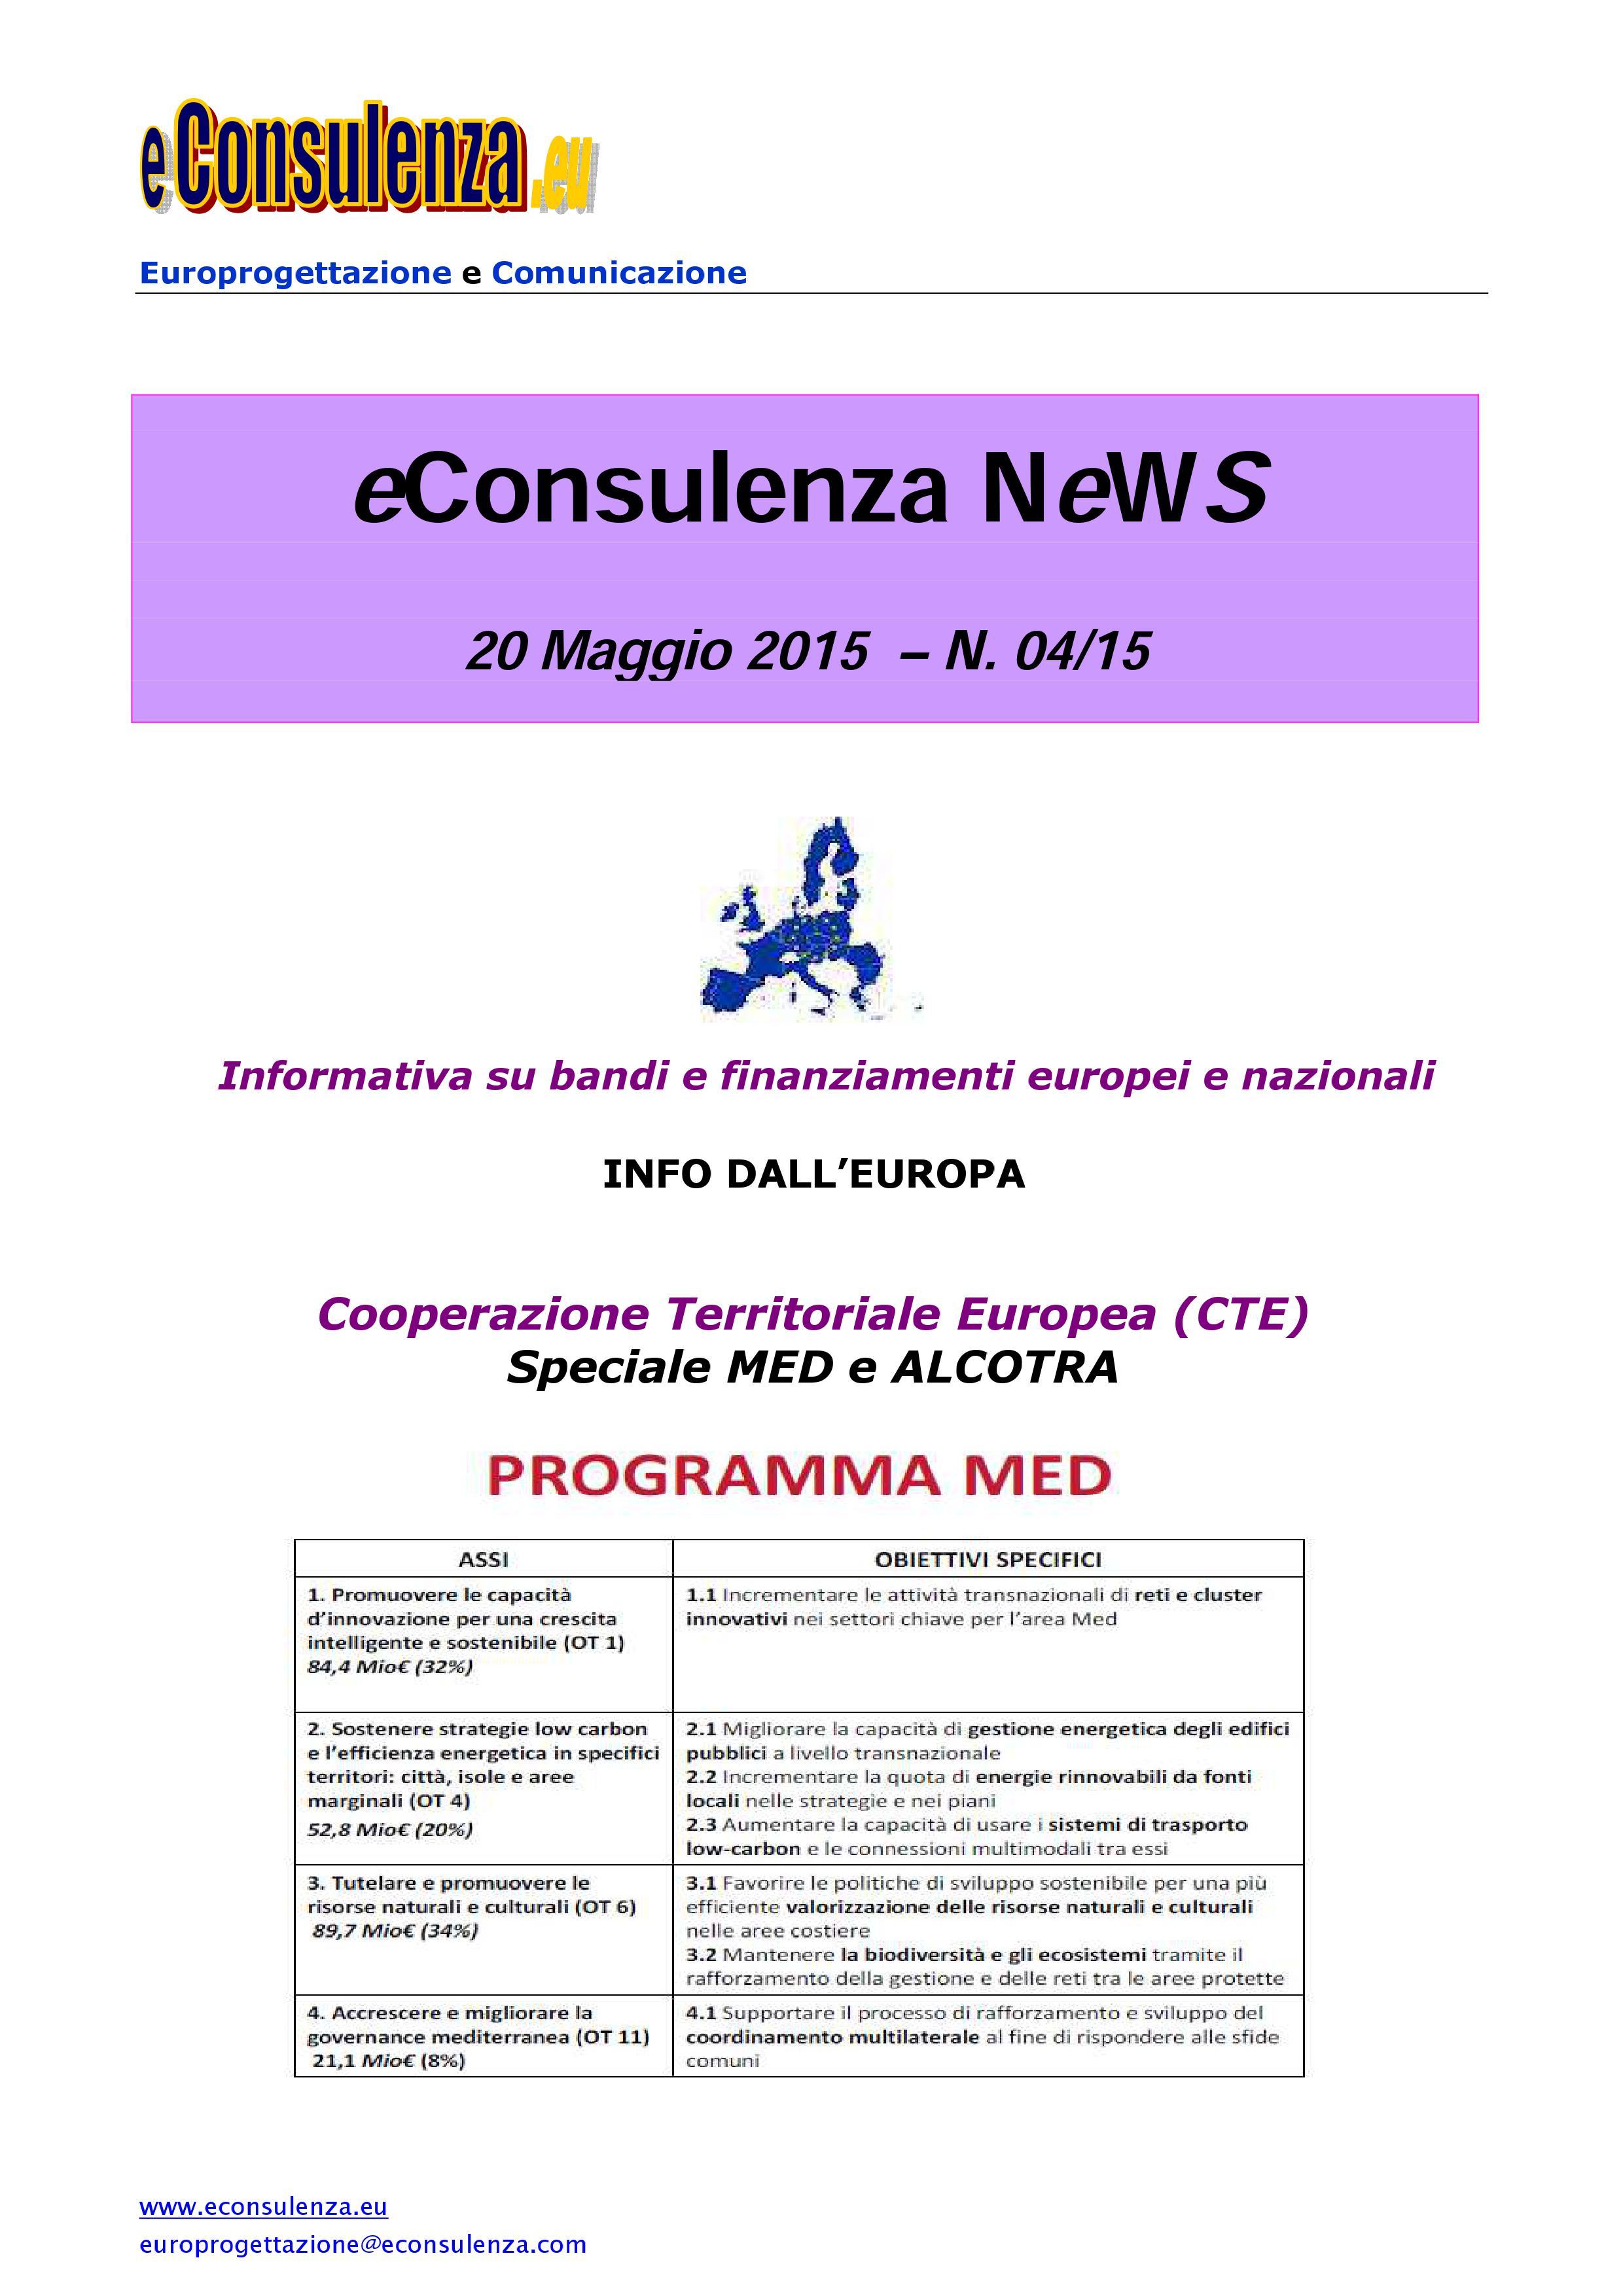 eC NeWs 04/15